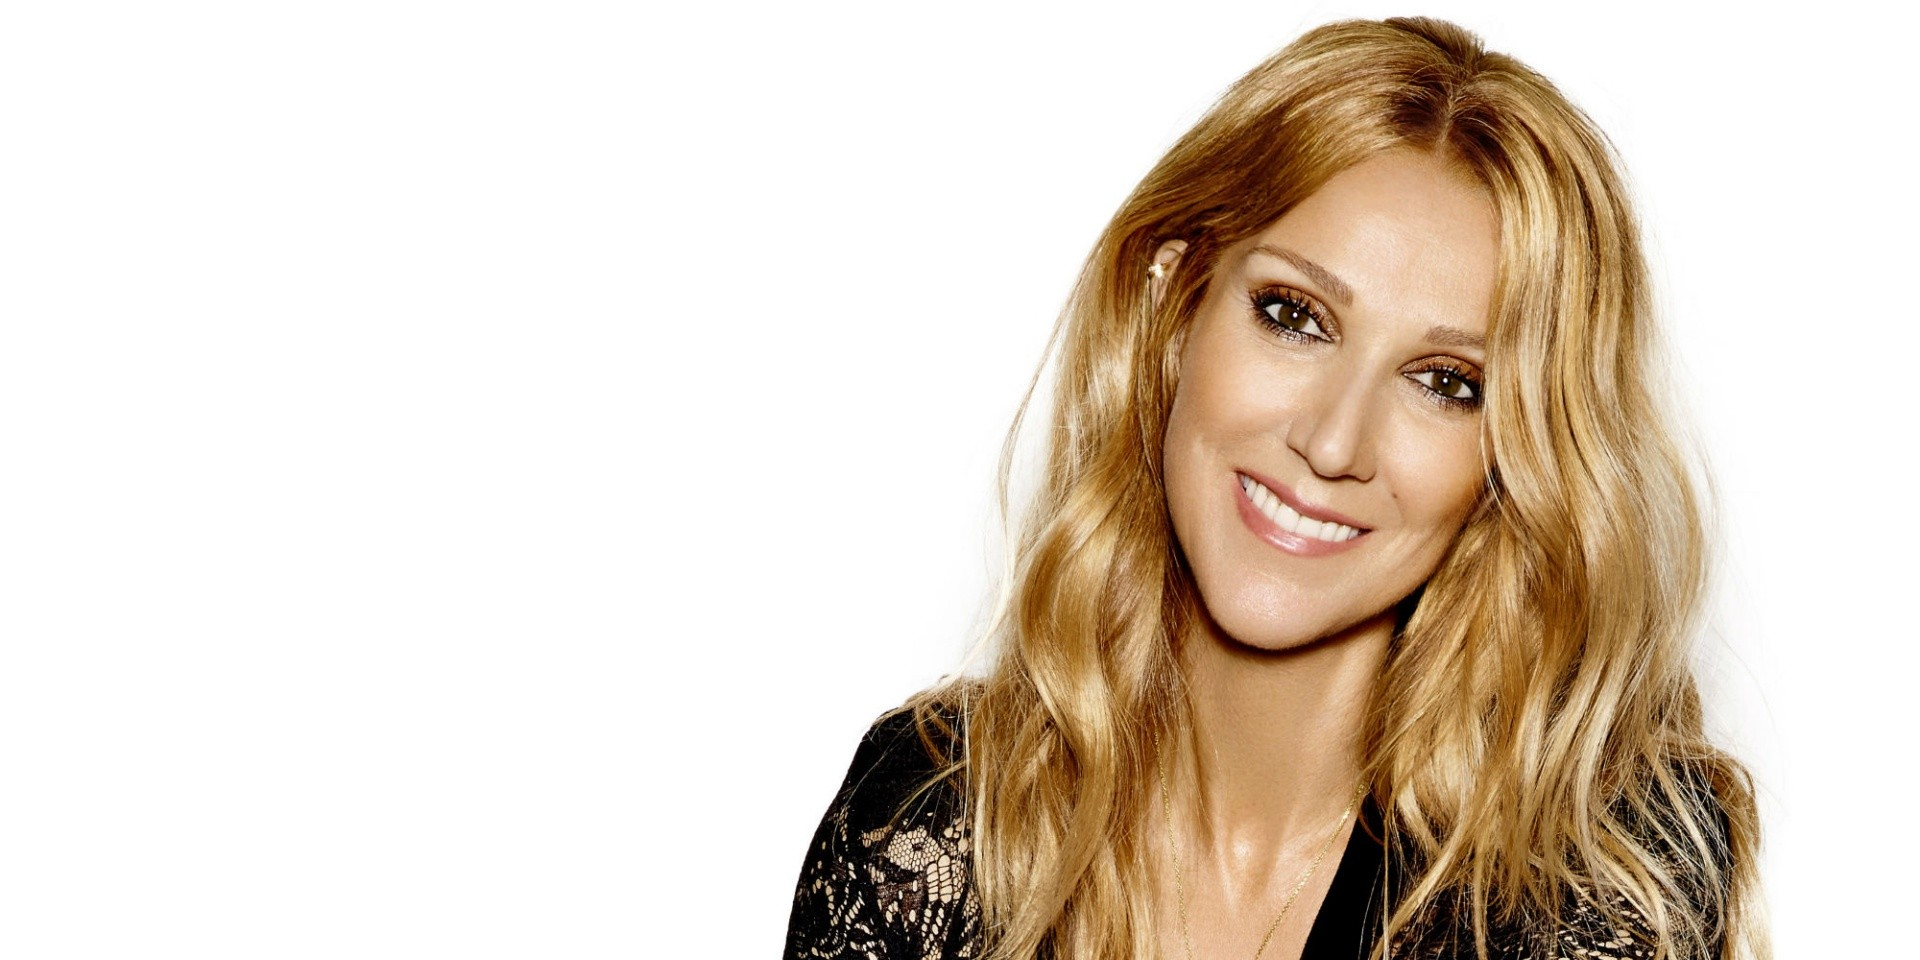 Celine Dion announces new album and world tour